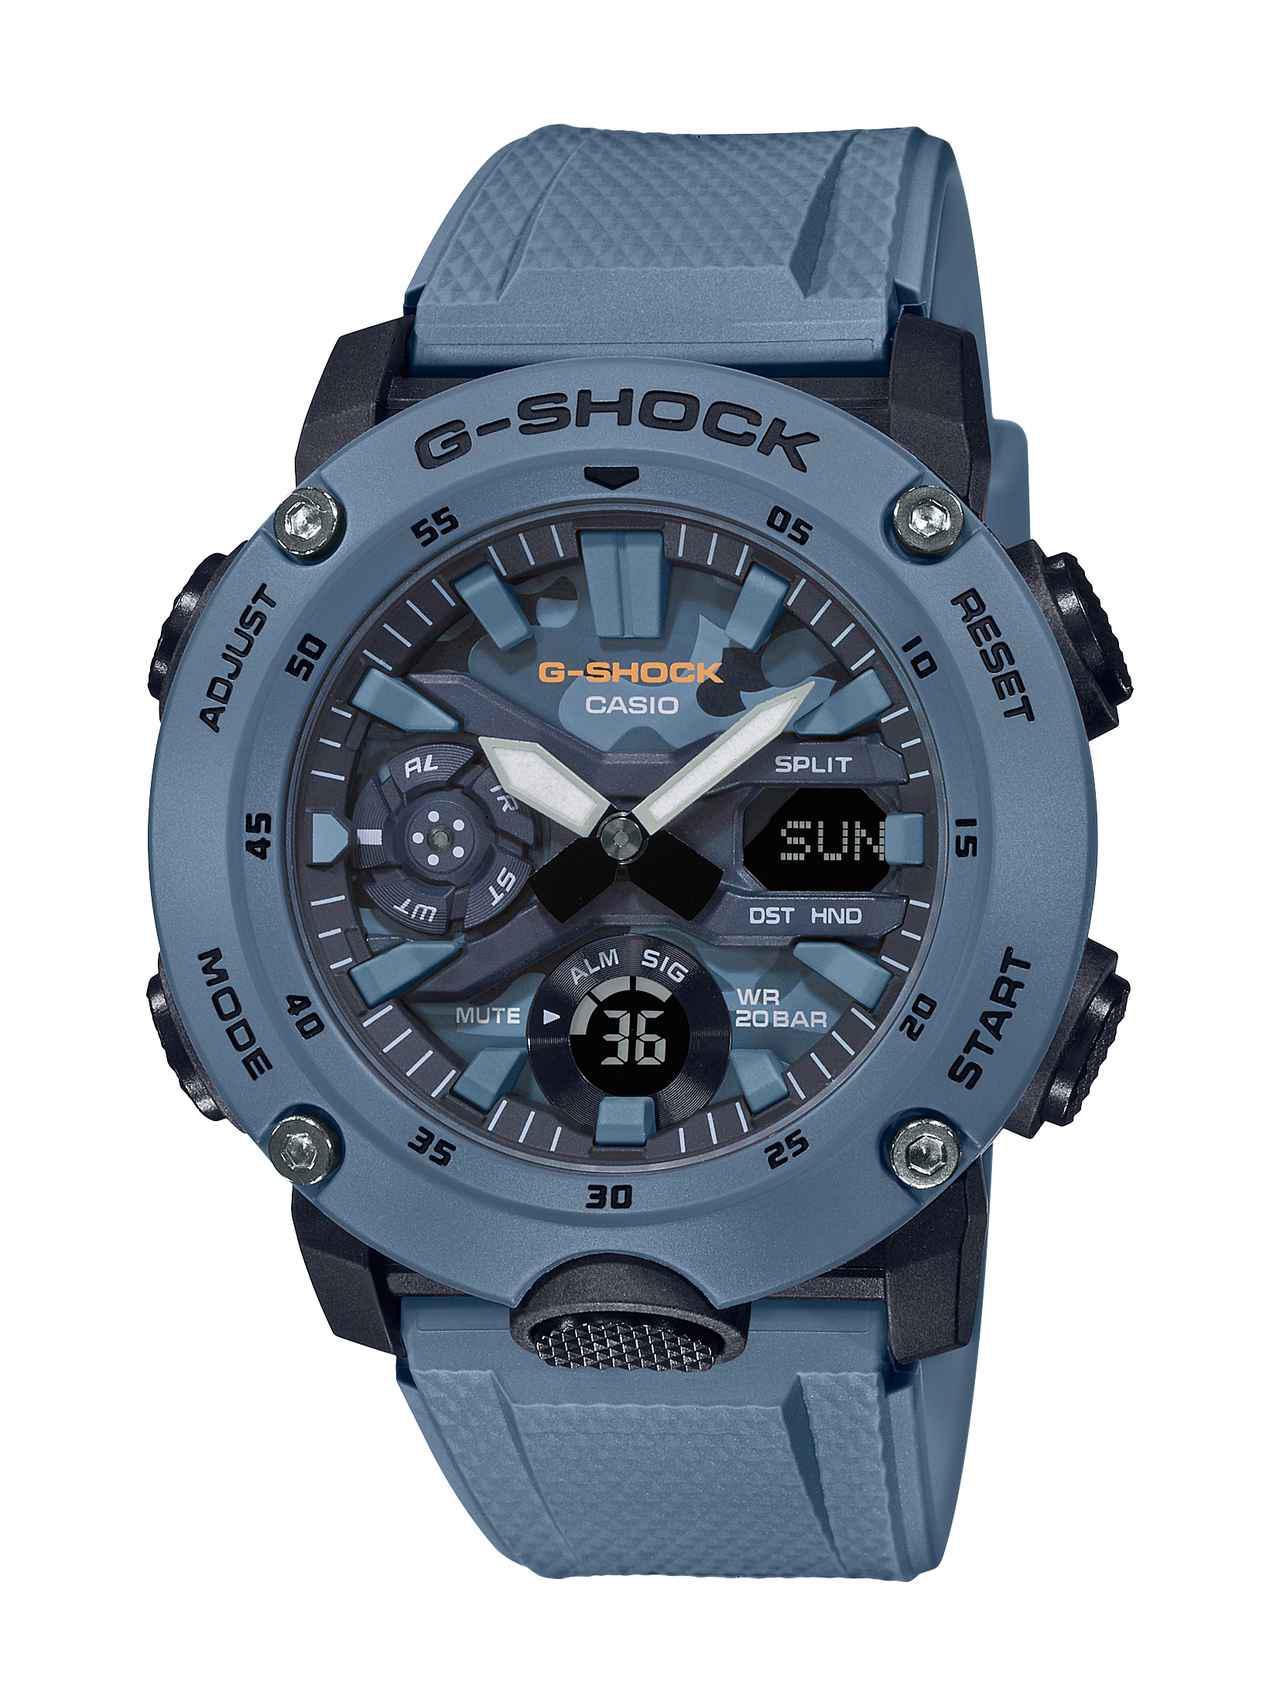 画像3: カーボンコアガード構造を採用したG-SHOCK「GA-2000」シリーズに、迷彩色のニューモデルが登場!